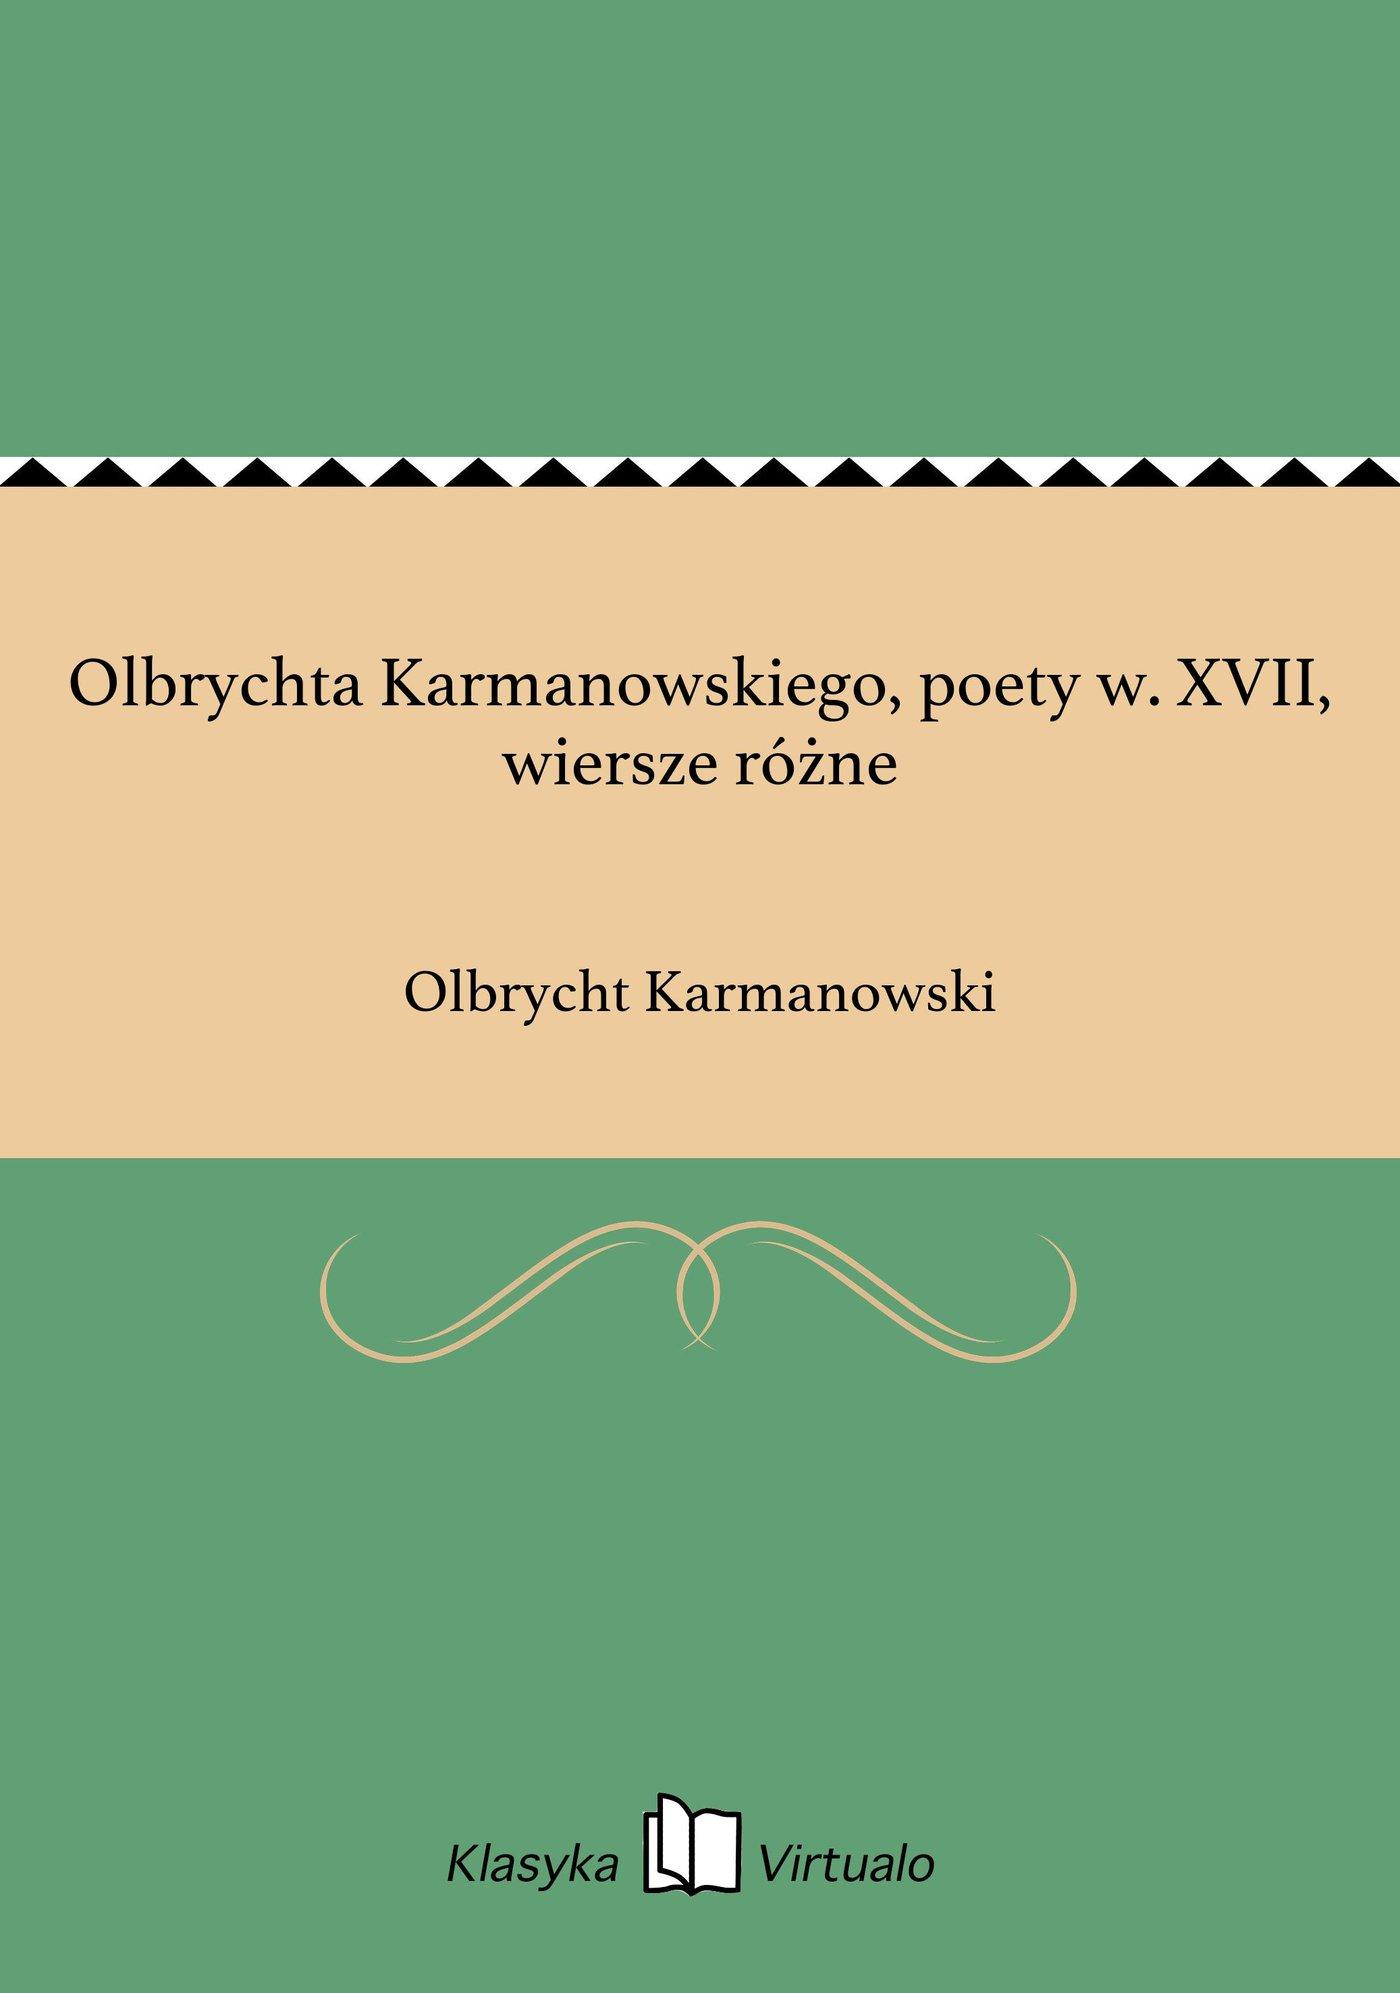 Olbrychta Karmanowskiego, poety w. XVII, wiersze różne - Ebook (Książka EPUB) do pobrania w formacie EPUB